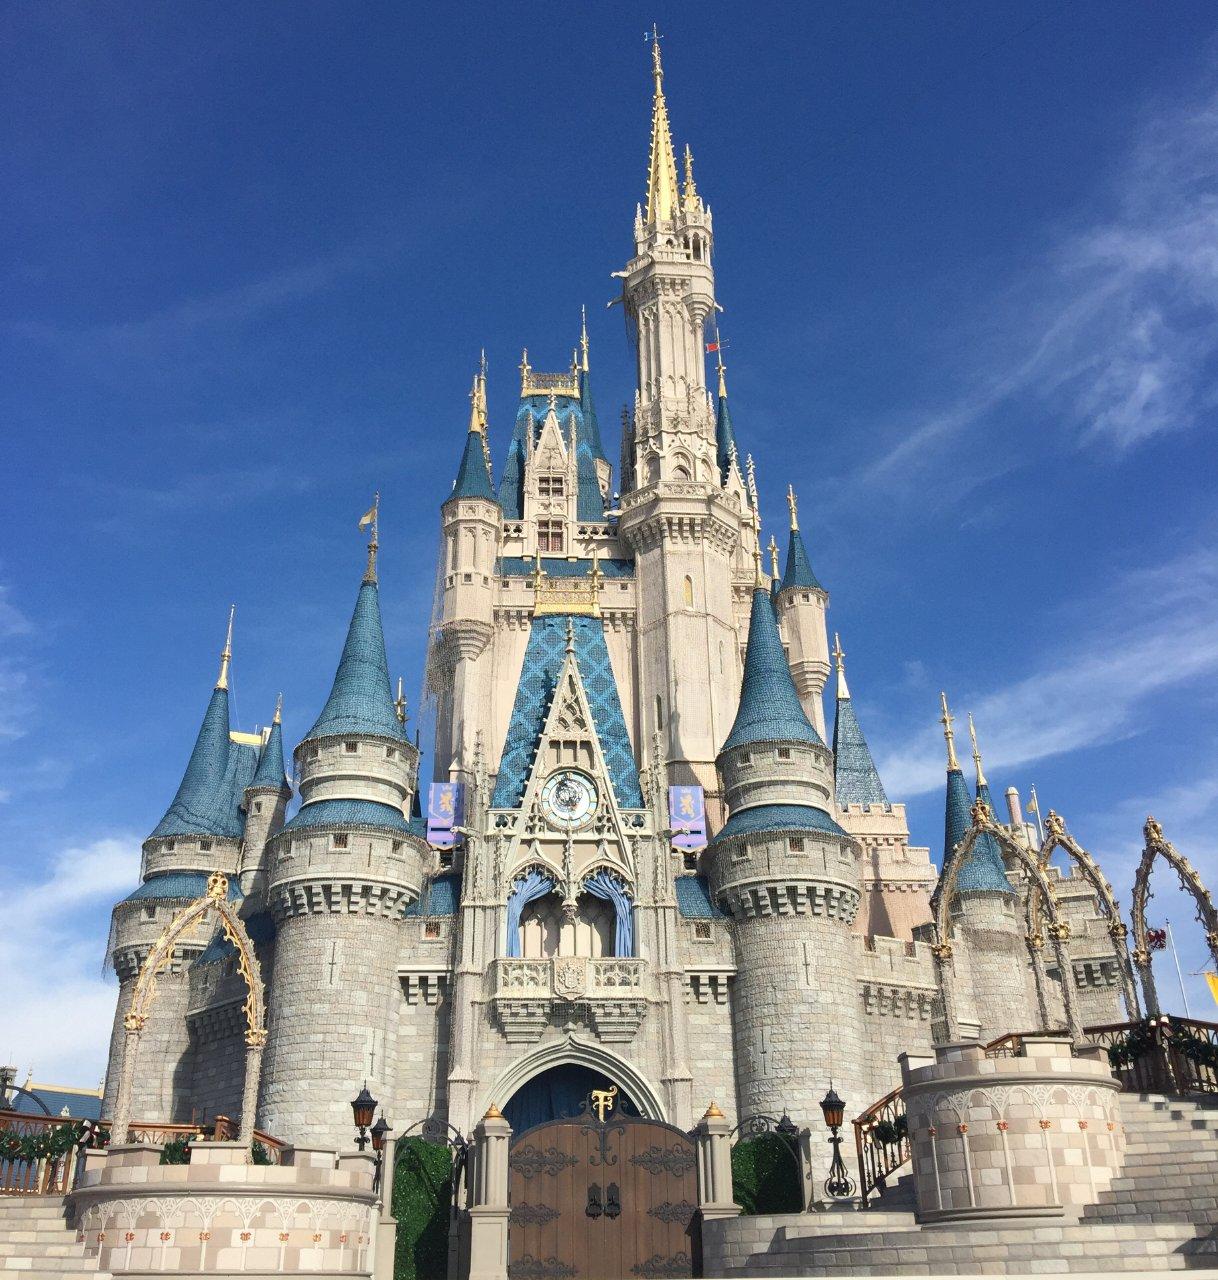 详细圣诞假期佛罗里达8日游!迪士尼+环球影城+海边休闲度假